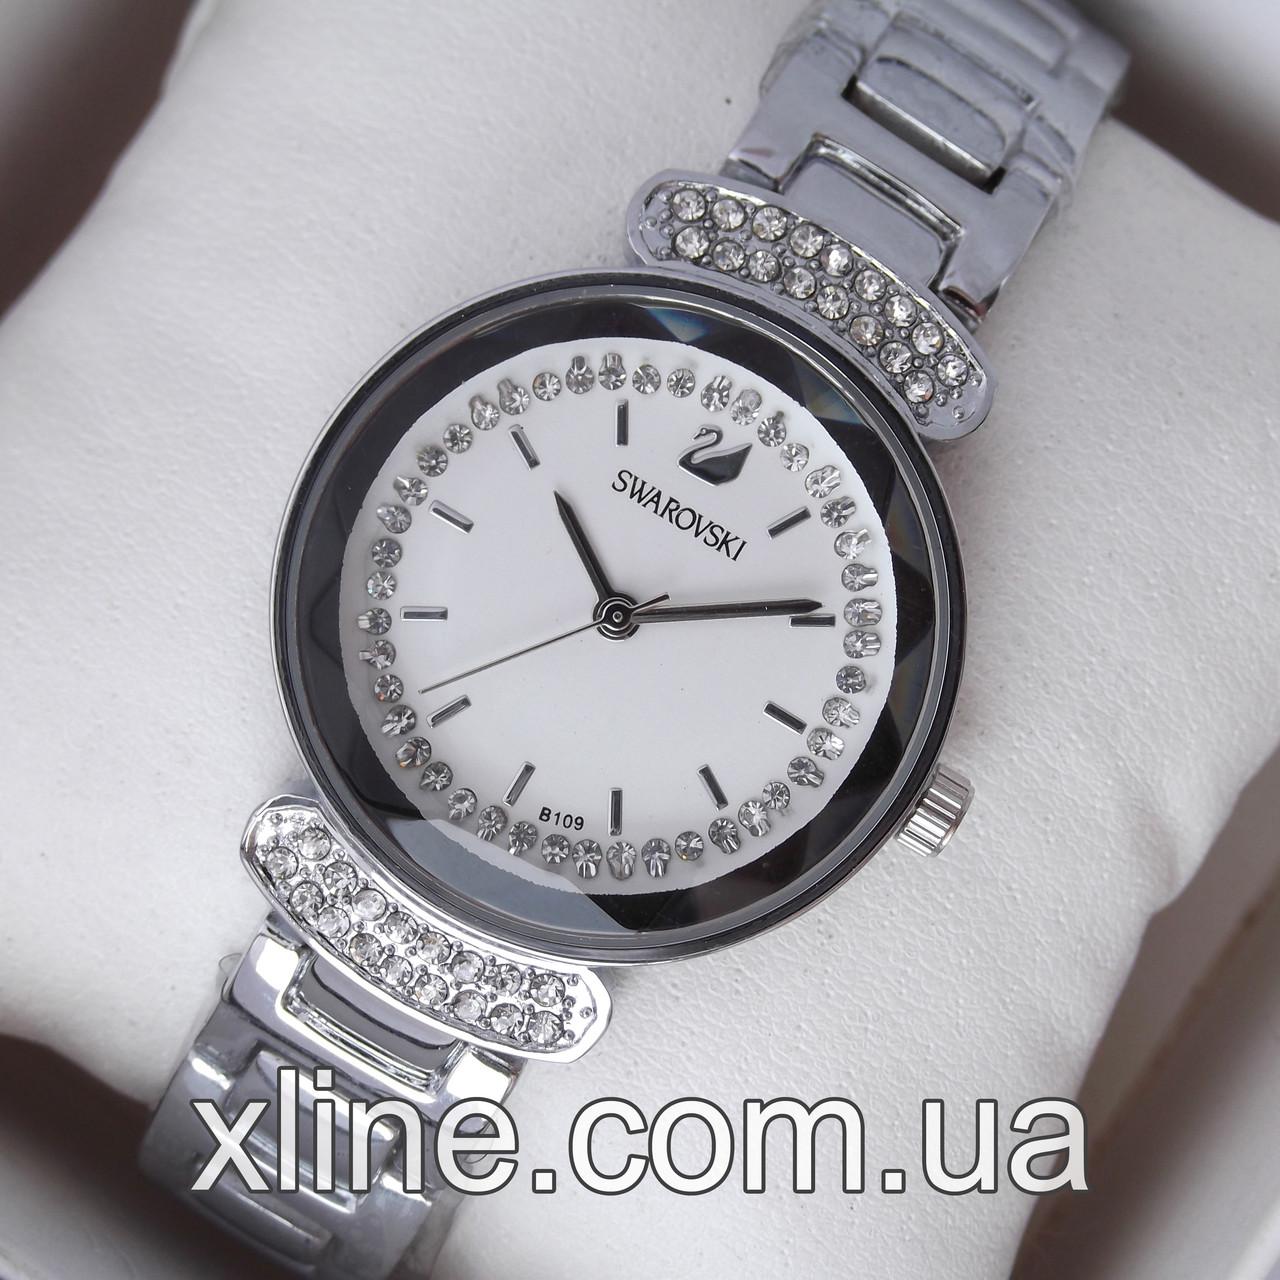 1a19ebc2 Женские наручные часы Swarovski B109 на металлическом браслете - XLINE в  Харькове